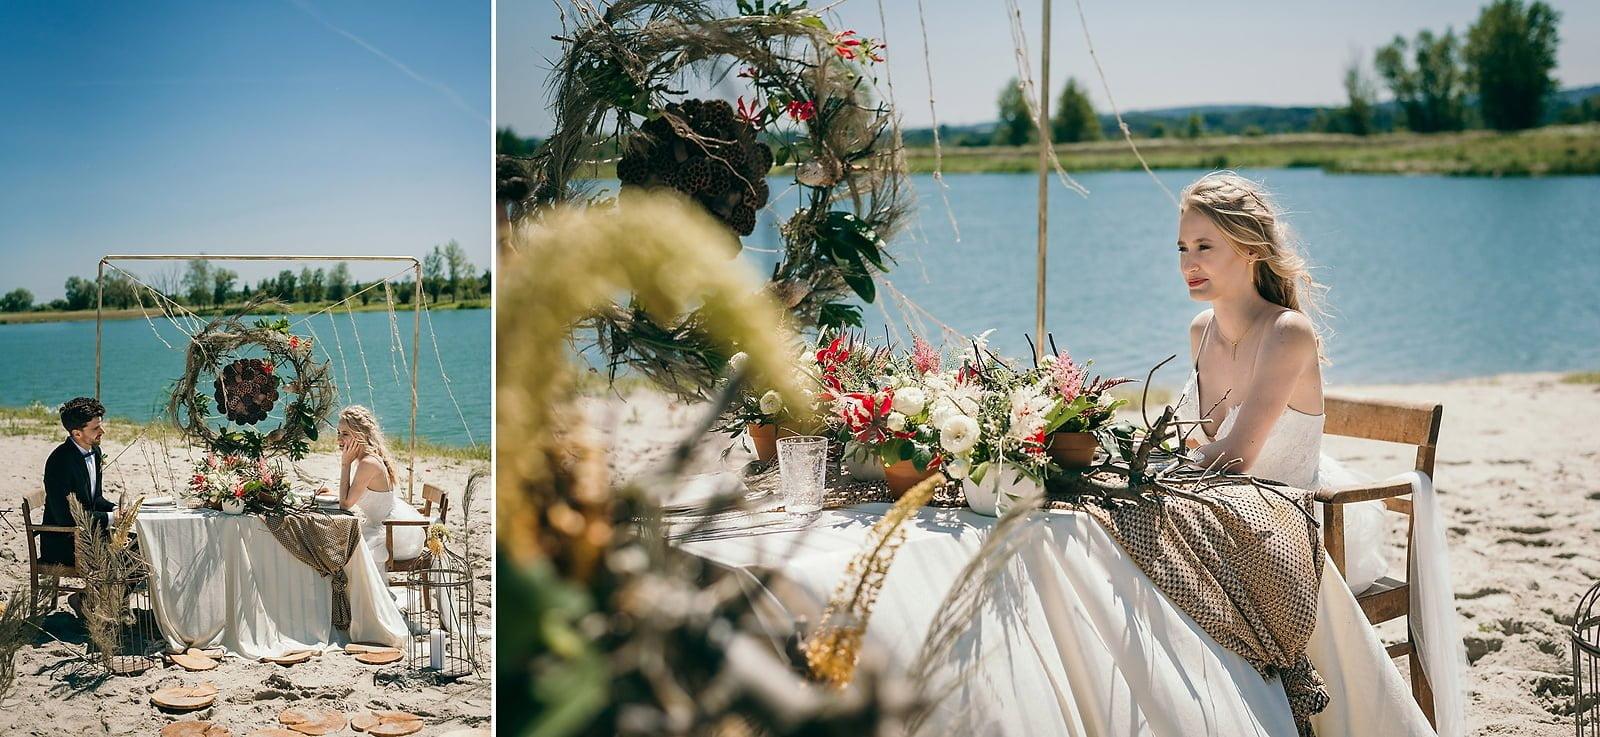 Stylizowana sesja ślubna w klimacie południowej Hiszpanii 20